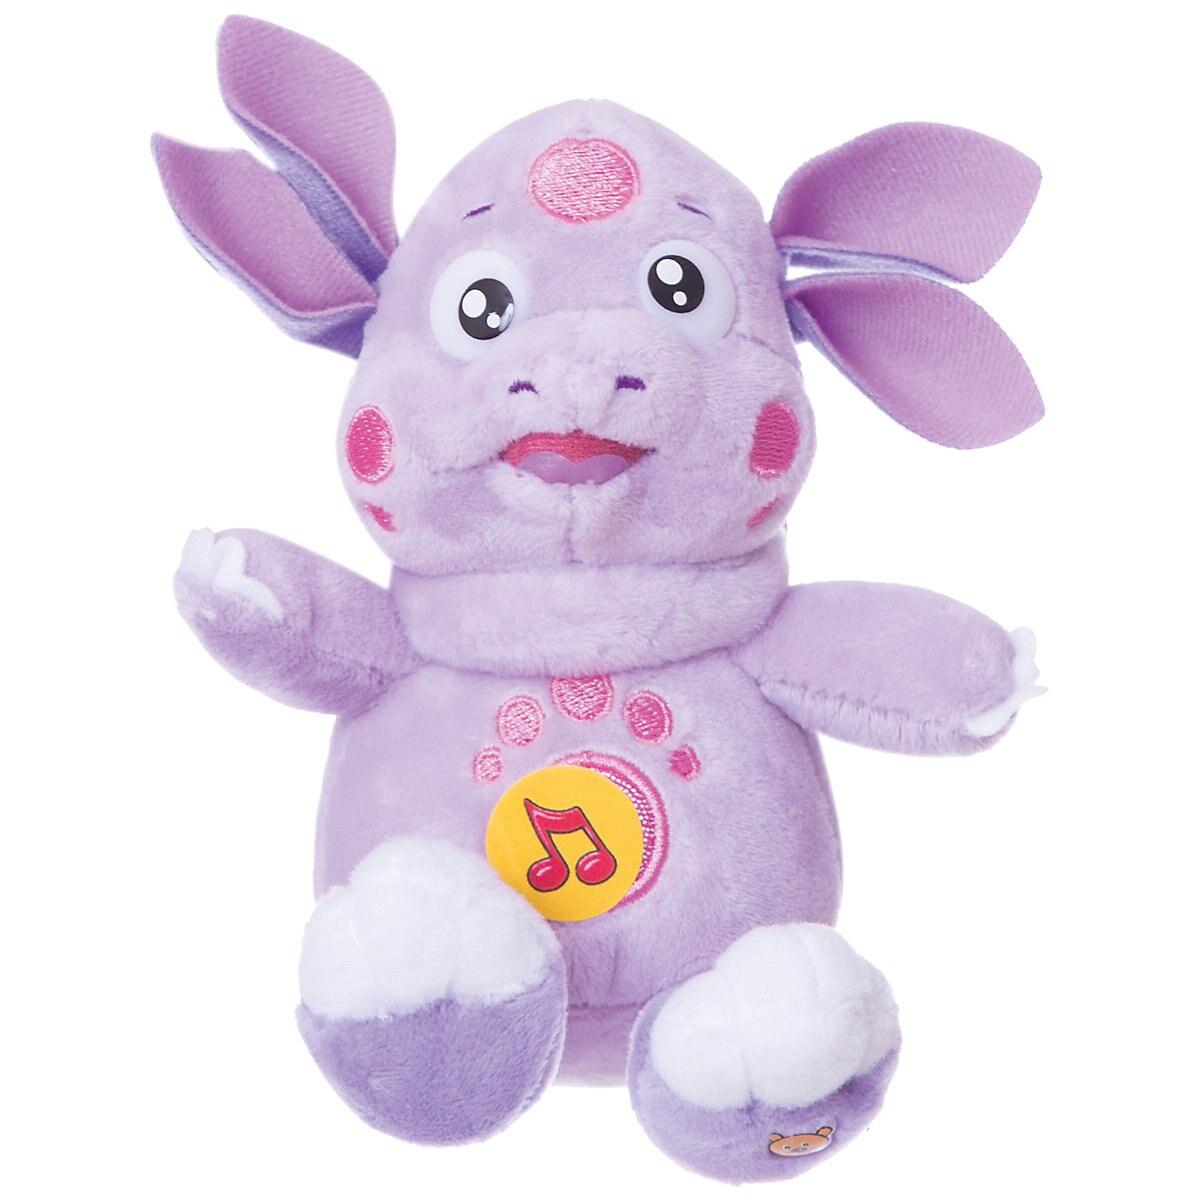 Multi-pulti animaux en peluche et en peluche 2149136 jouets garçons et filles doux présent enfants garçon bébé fille jouet